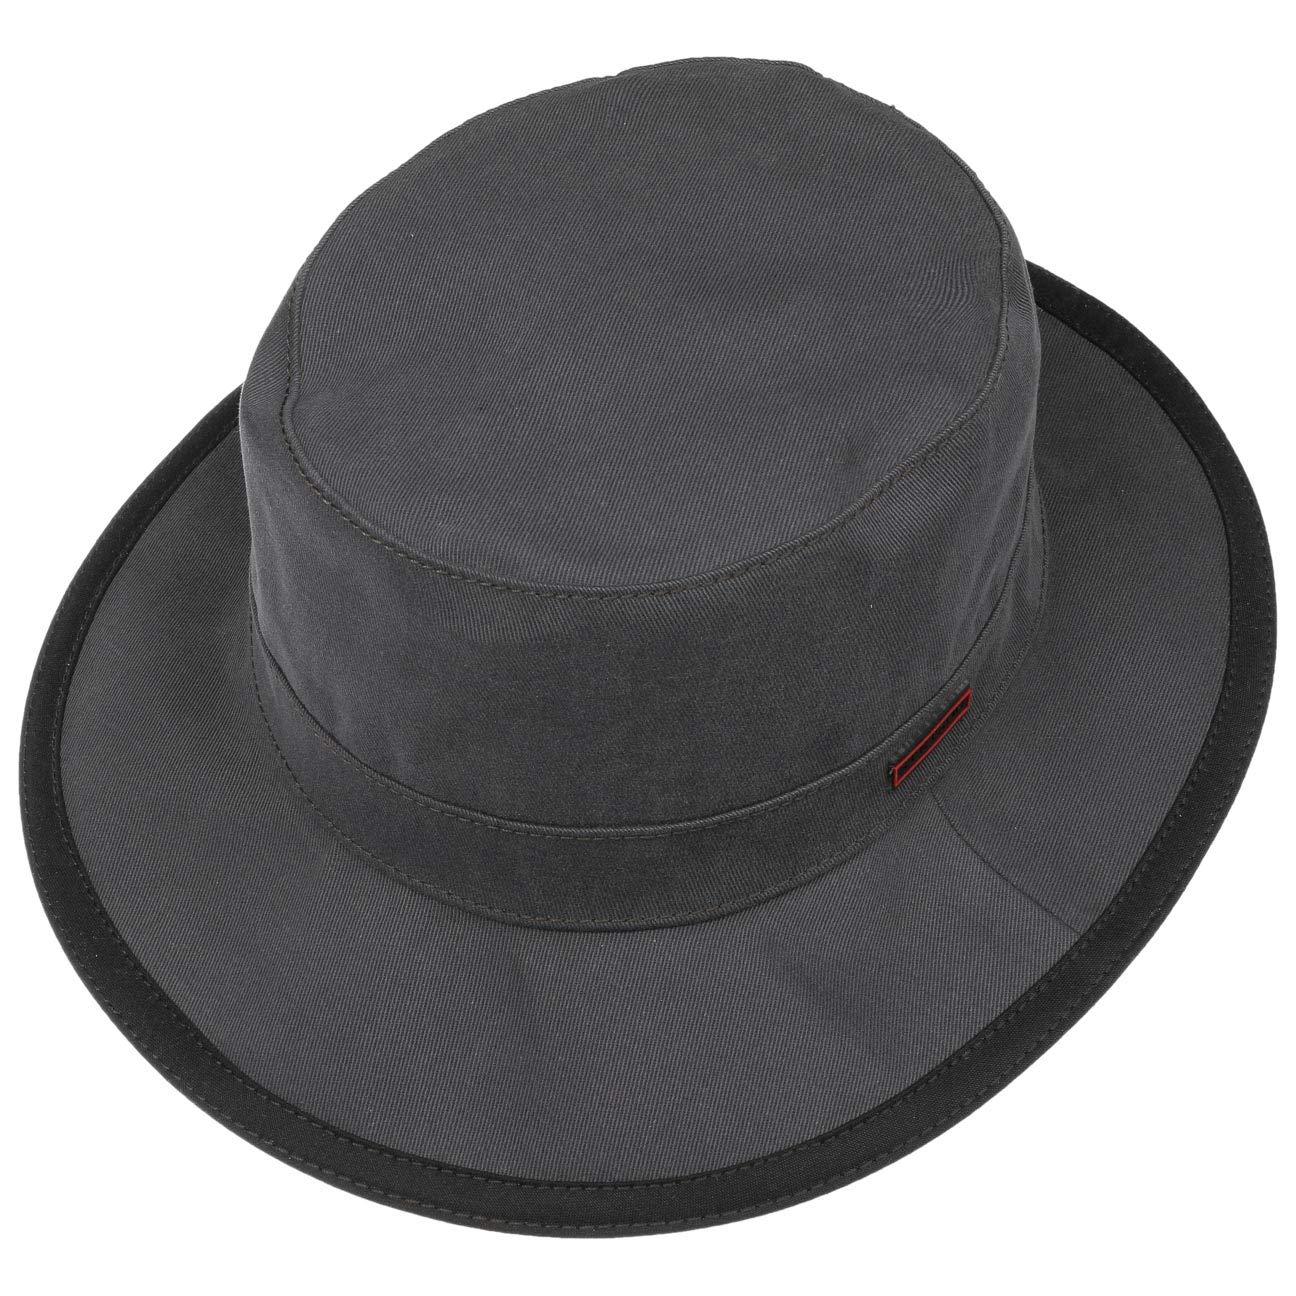 Stetson cappelli incontri miglior messaggio di dating internet mai